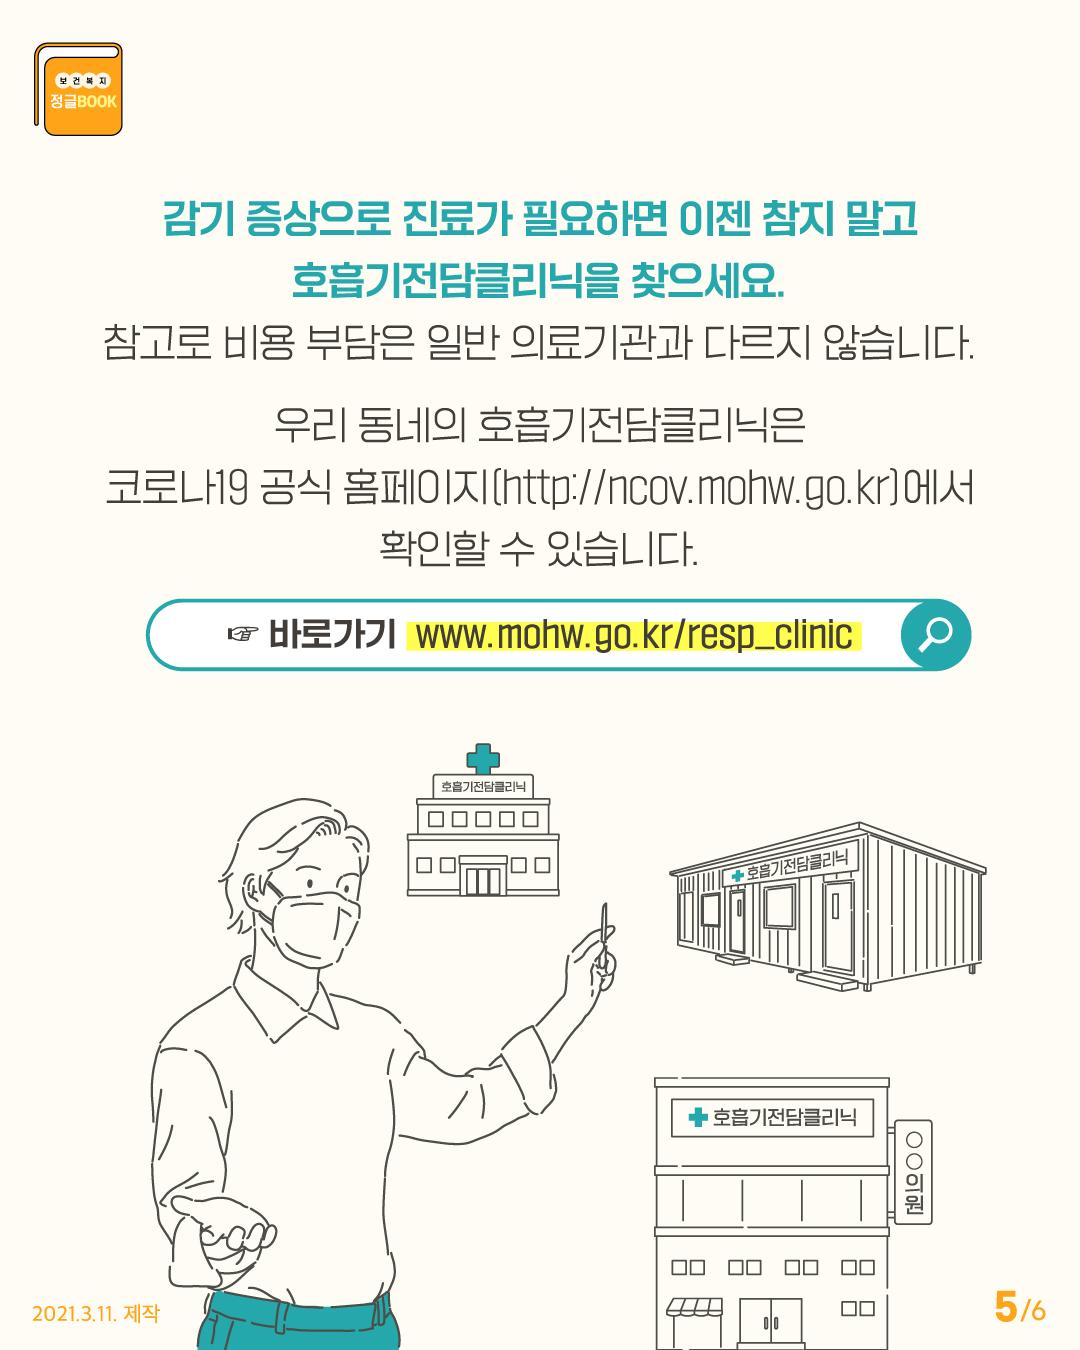 감기 증상으로 진료가 필요하면 이젠 참지 말고 호흡기전담클리닉을 찾으세요. 참고로 비용 부담은 일반 의료기관과 다르지 않습니다.  우리 동네의 호흡기전담클리닉은 코로나19 공식홈페이지(http://ncov.mohw.go.kr/)에서 확인할 수 있습니다.